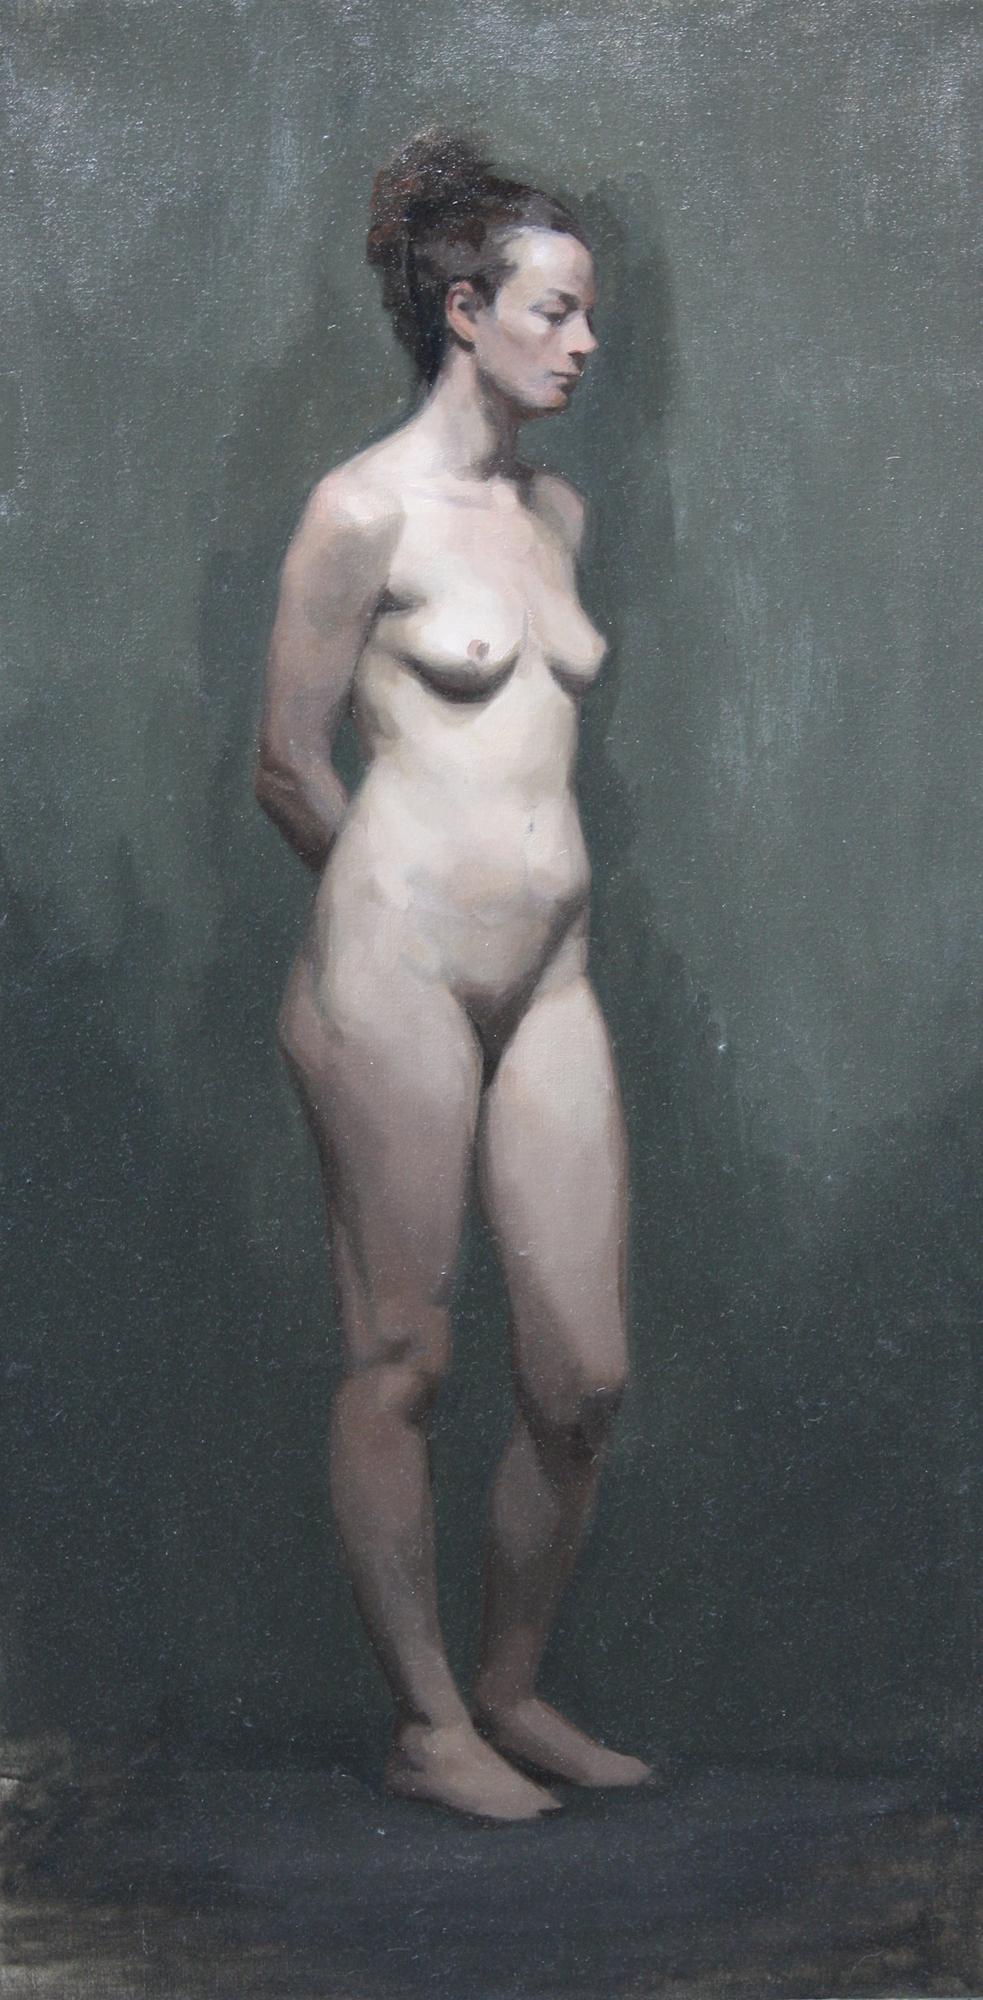 sophie nude smaller.jpg